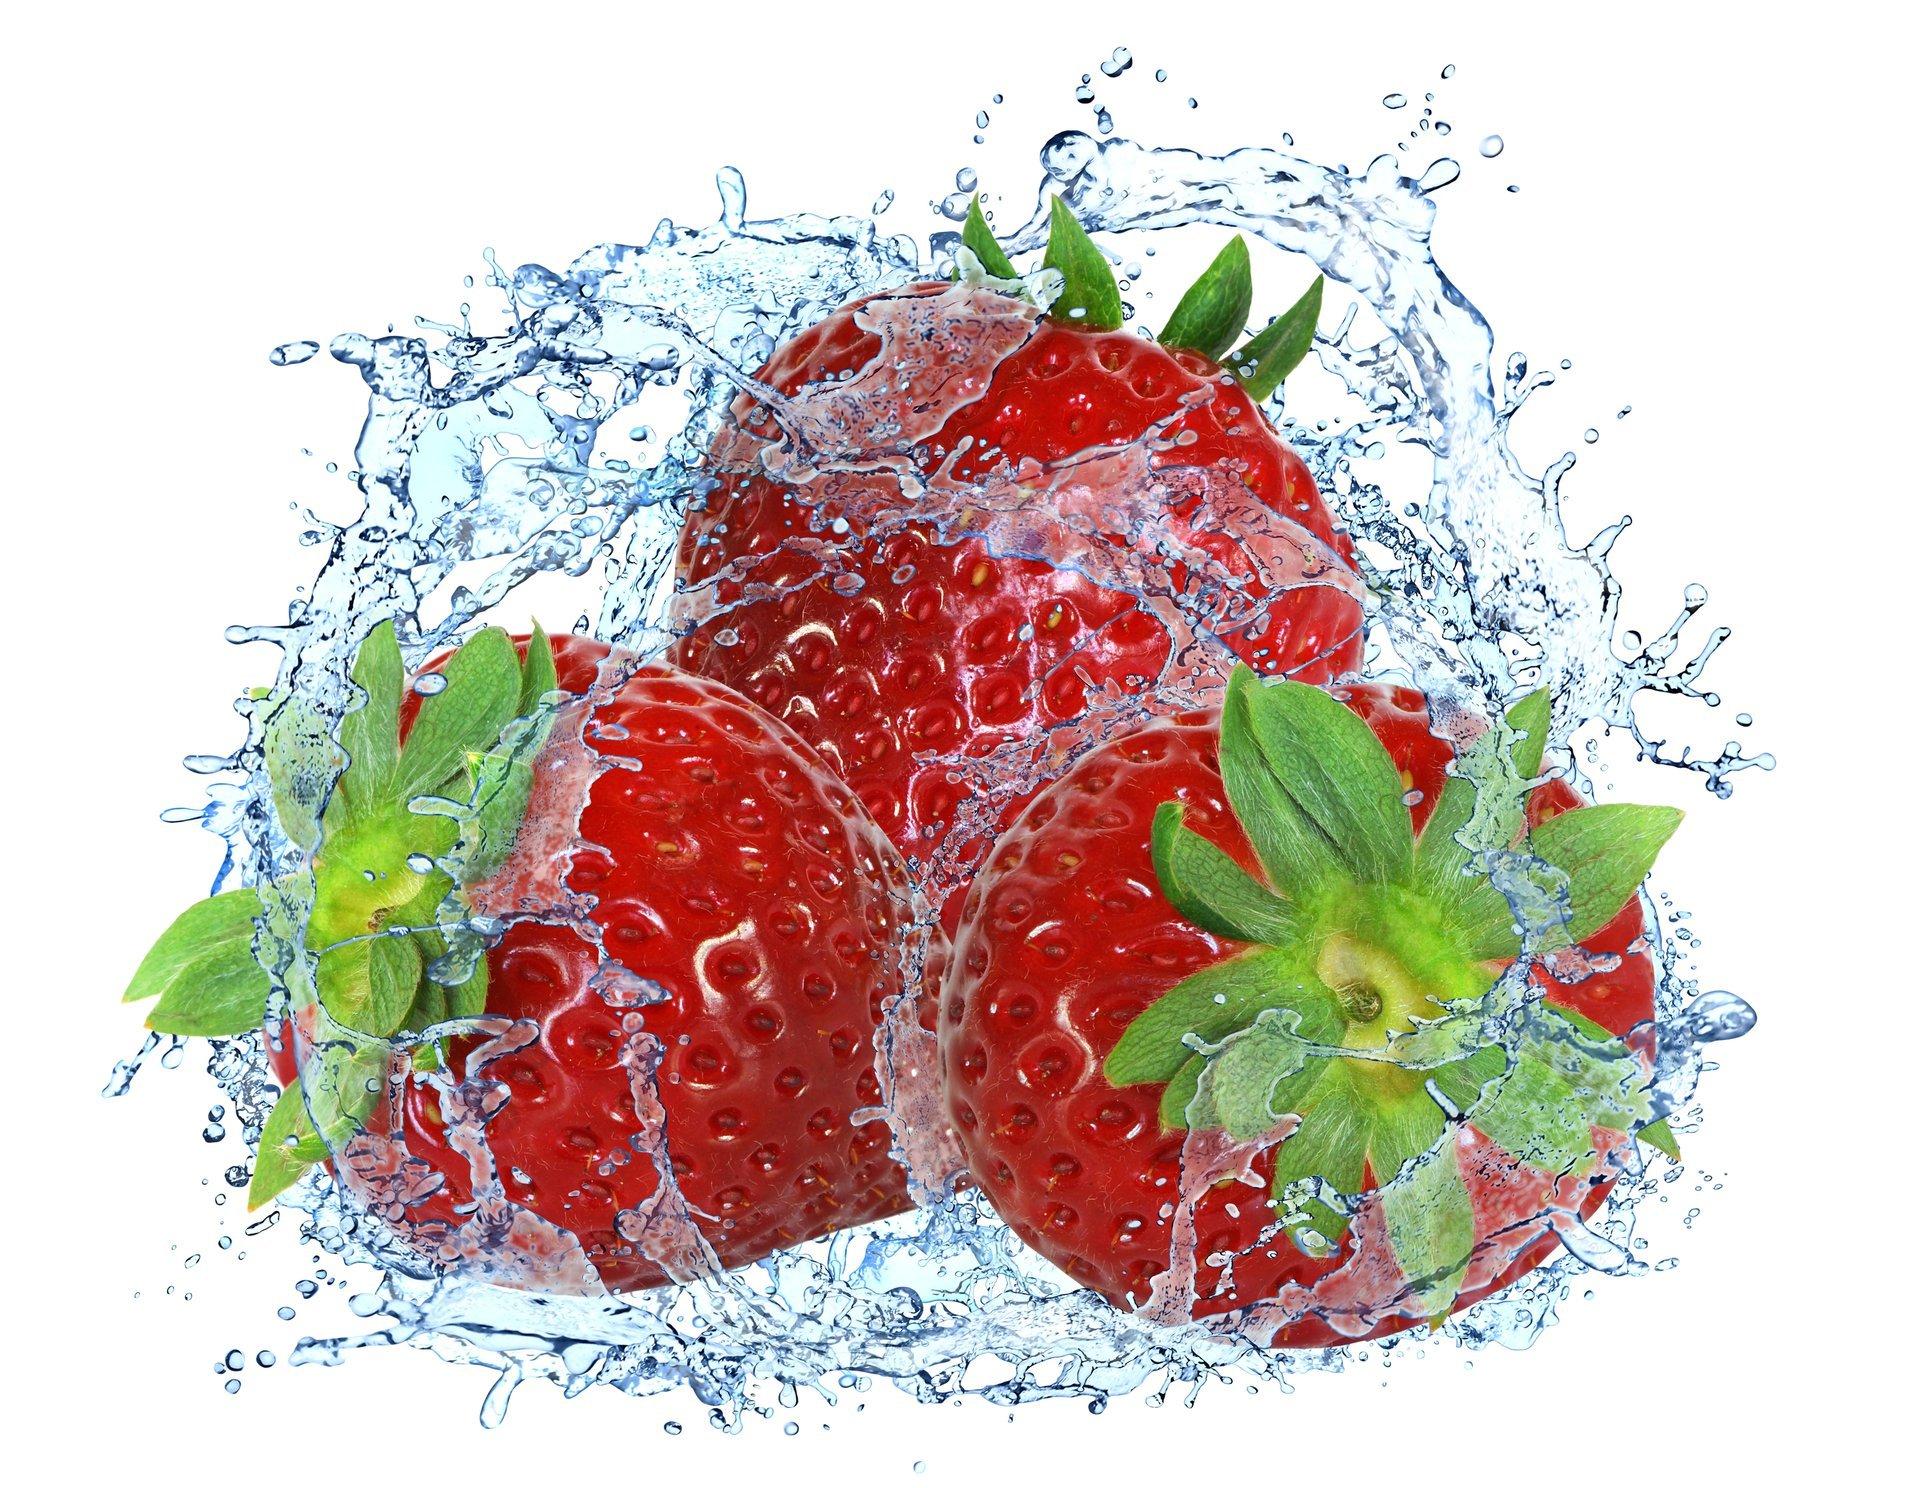 Обои на телефон фрукты или ягоды во льду выраженные индивидуальные